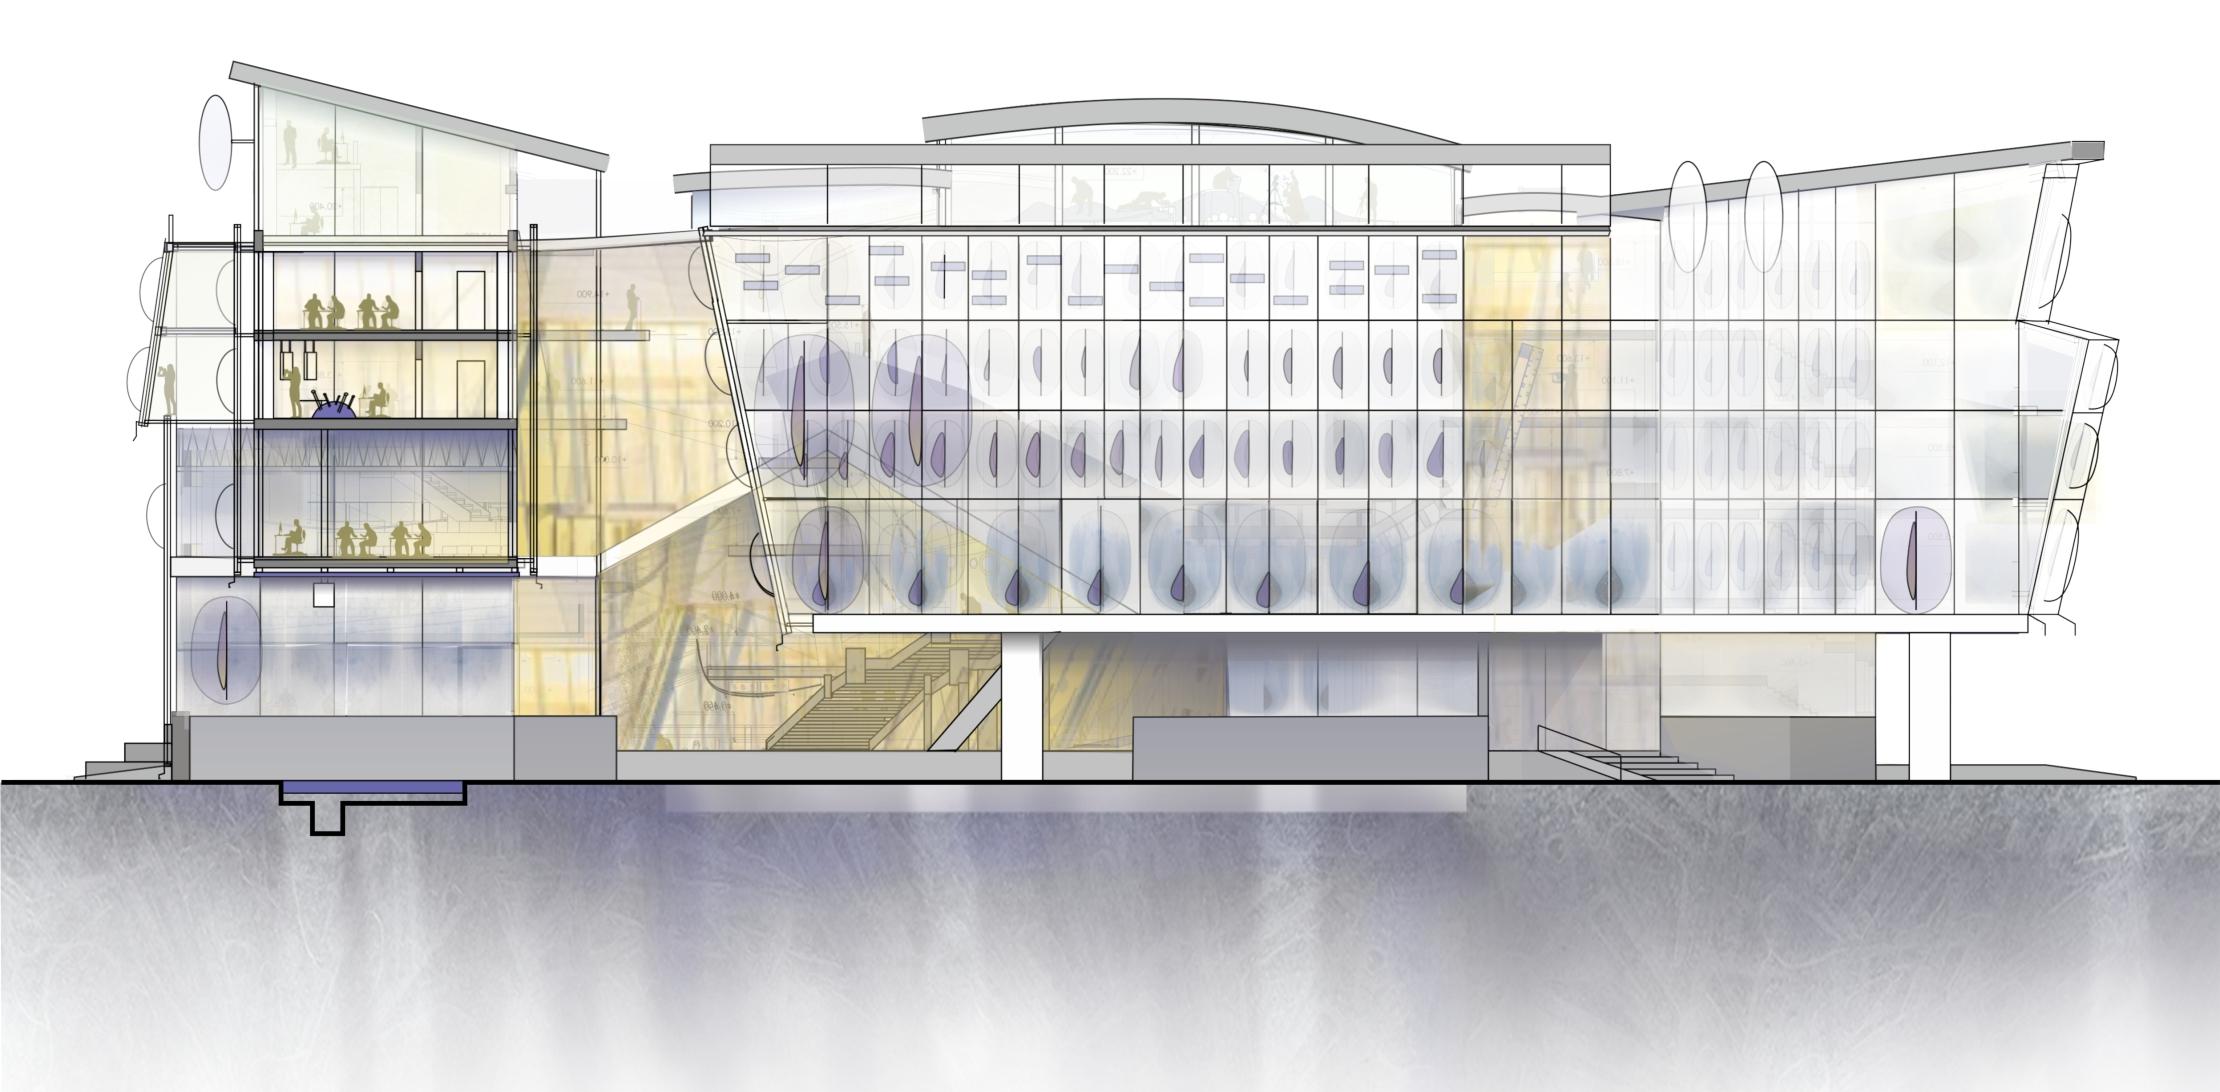 Фасад центра гидрологии Волги. Гидрологический кластер. Проект автора